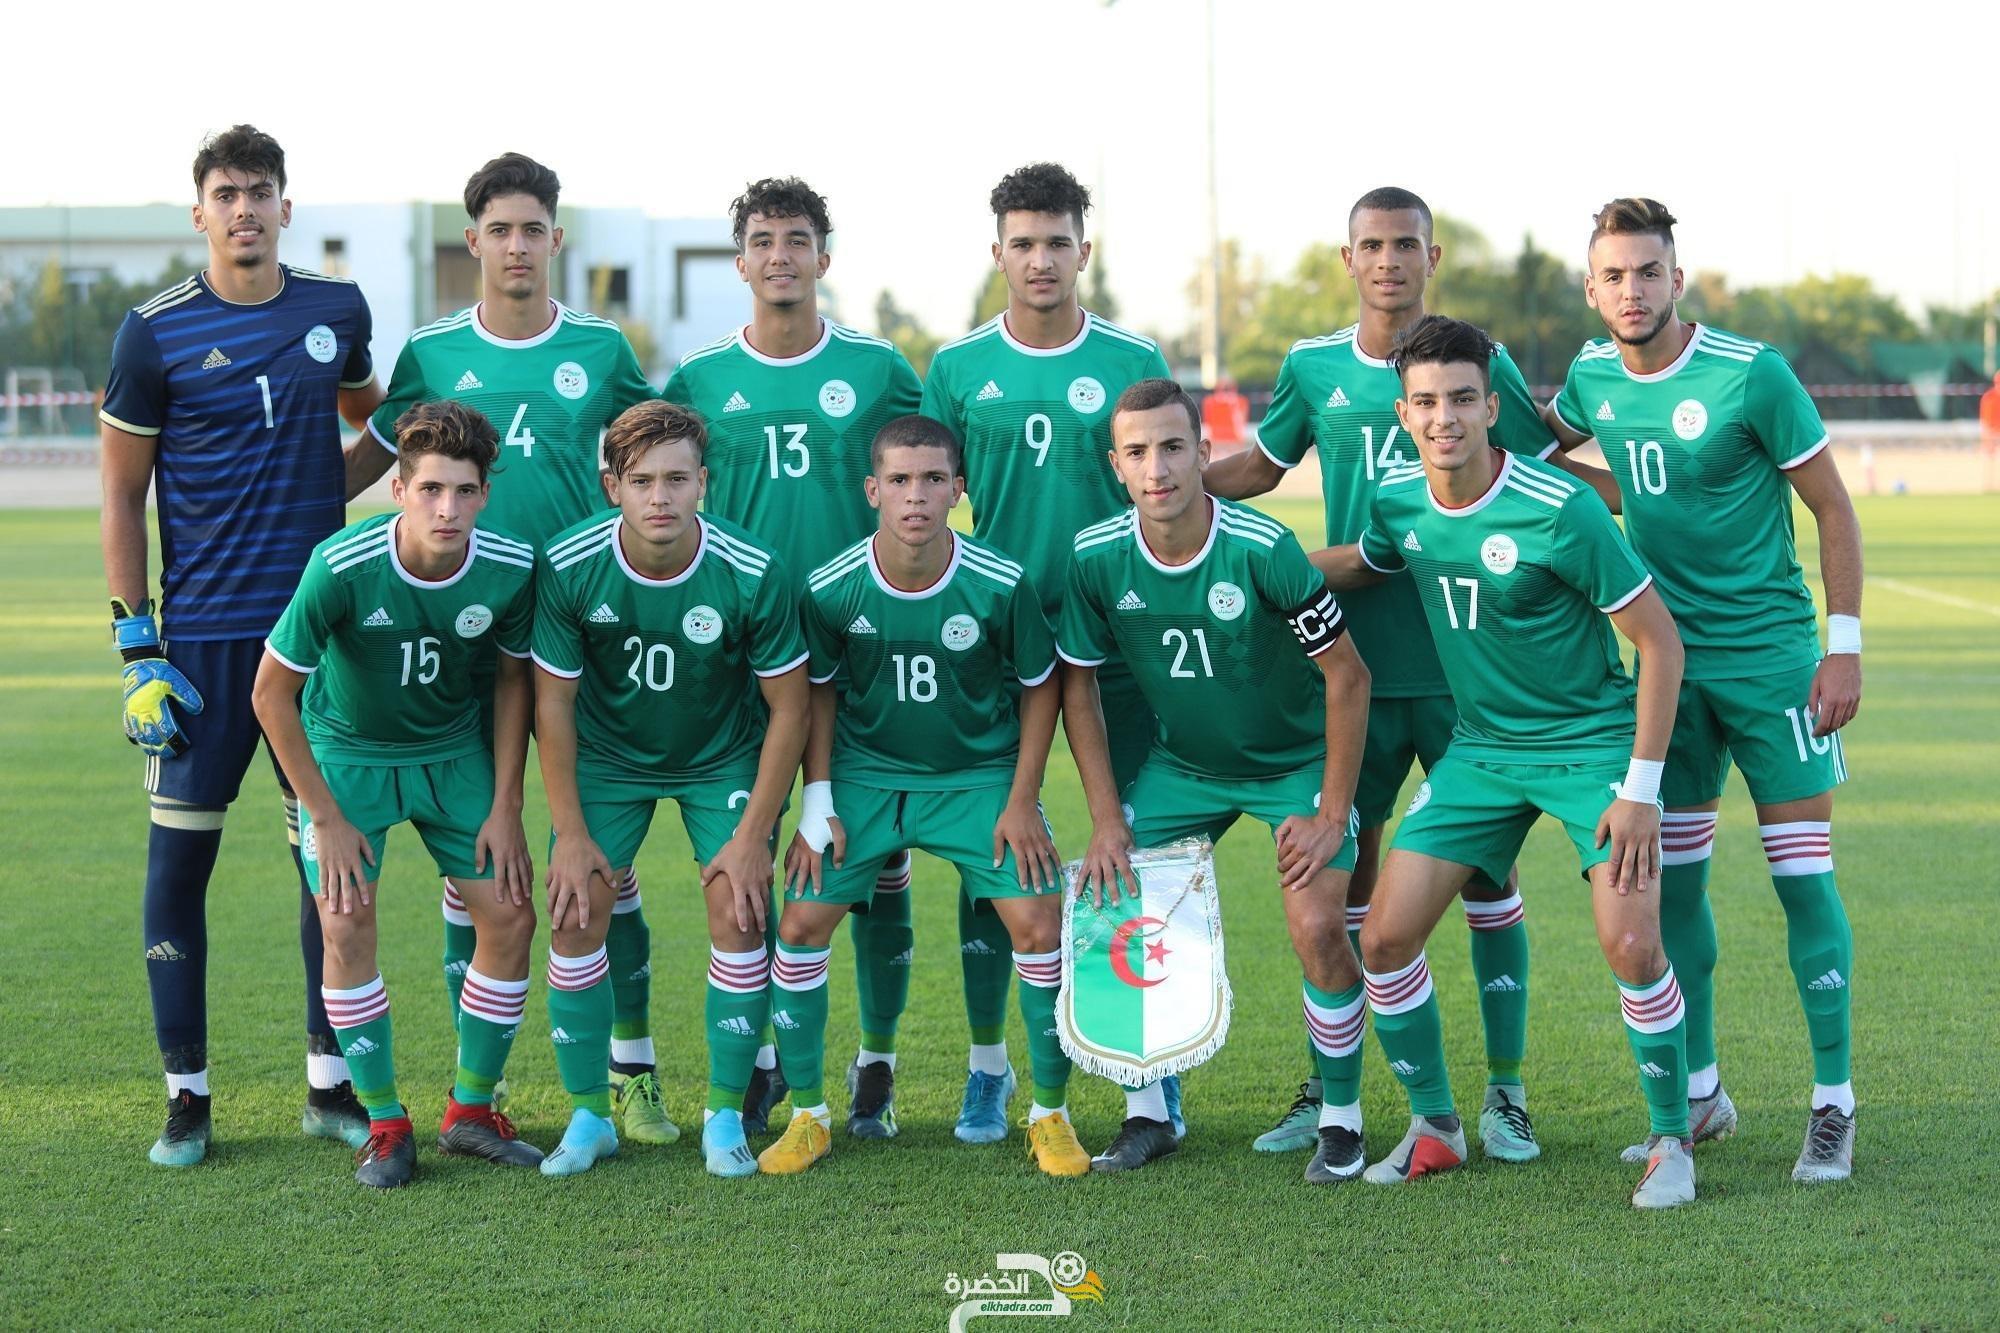 ست إصابات بالكورونا خلال تربص المنتخب الجزائري لأقل من 20 سنة 28